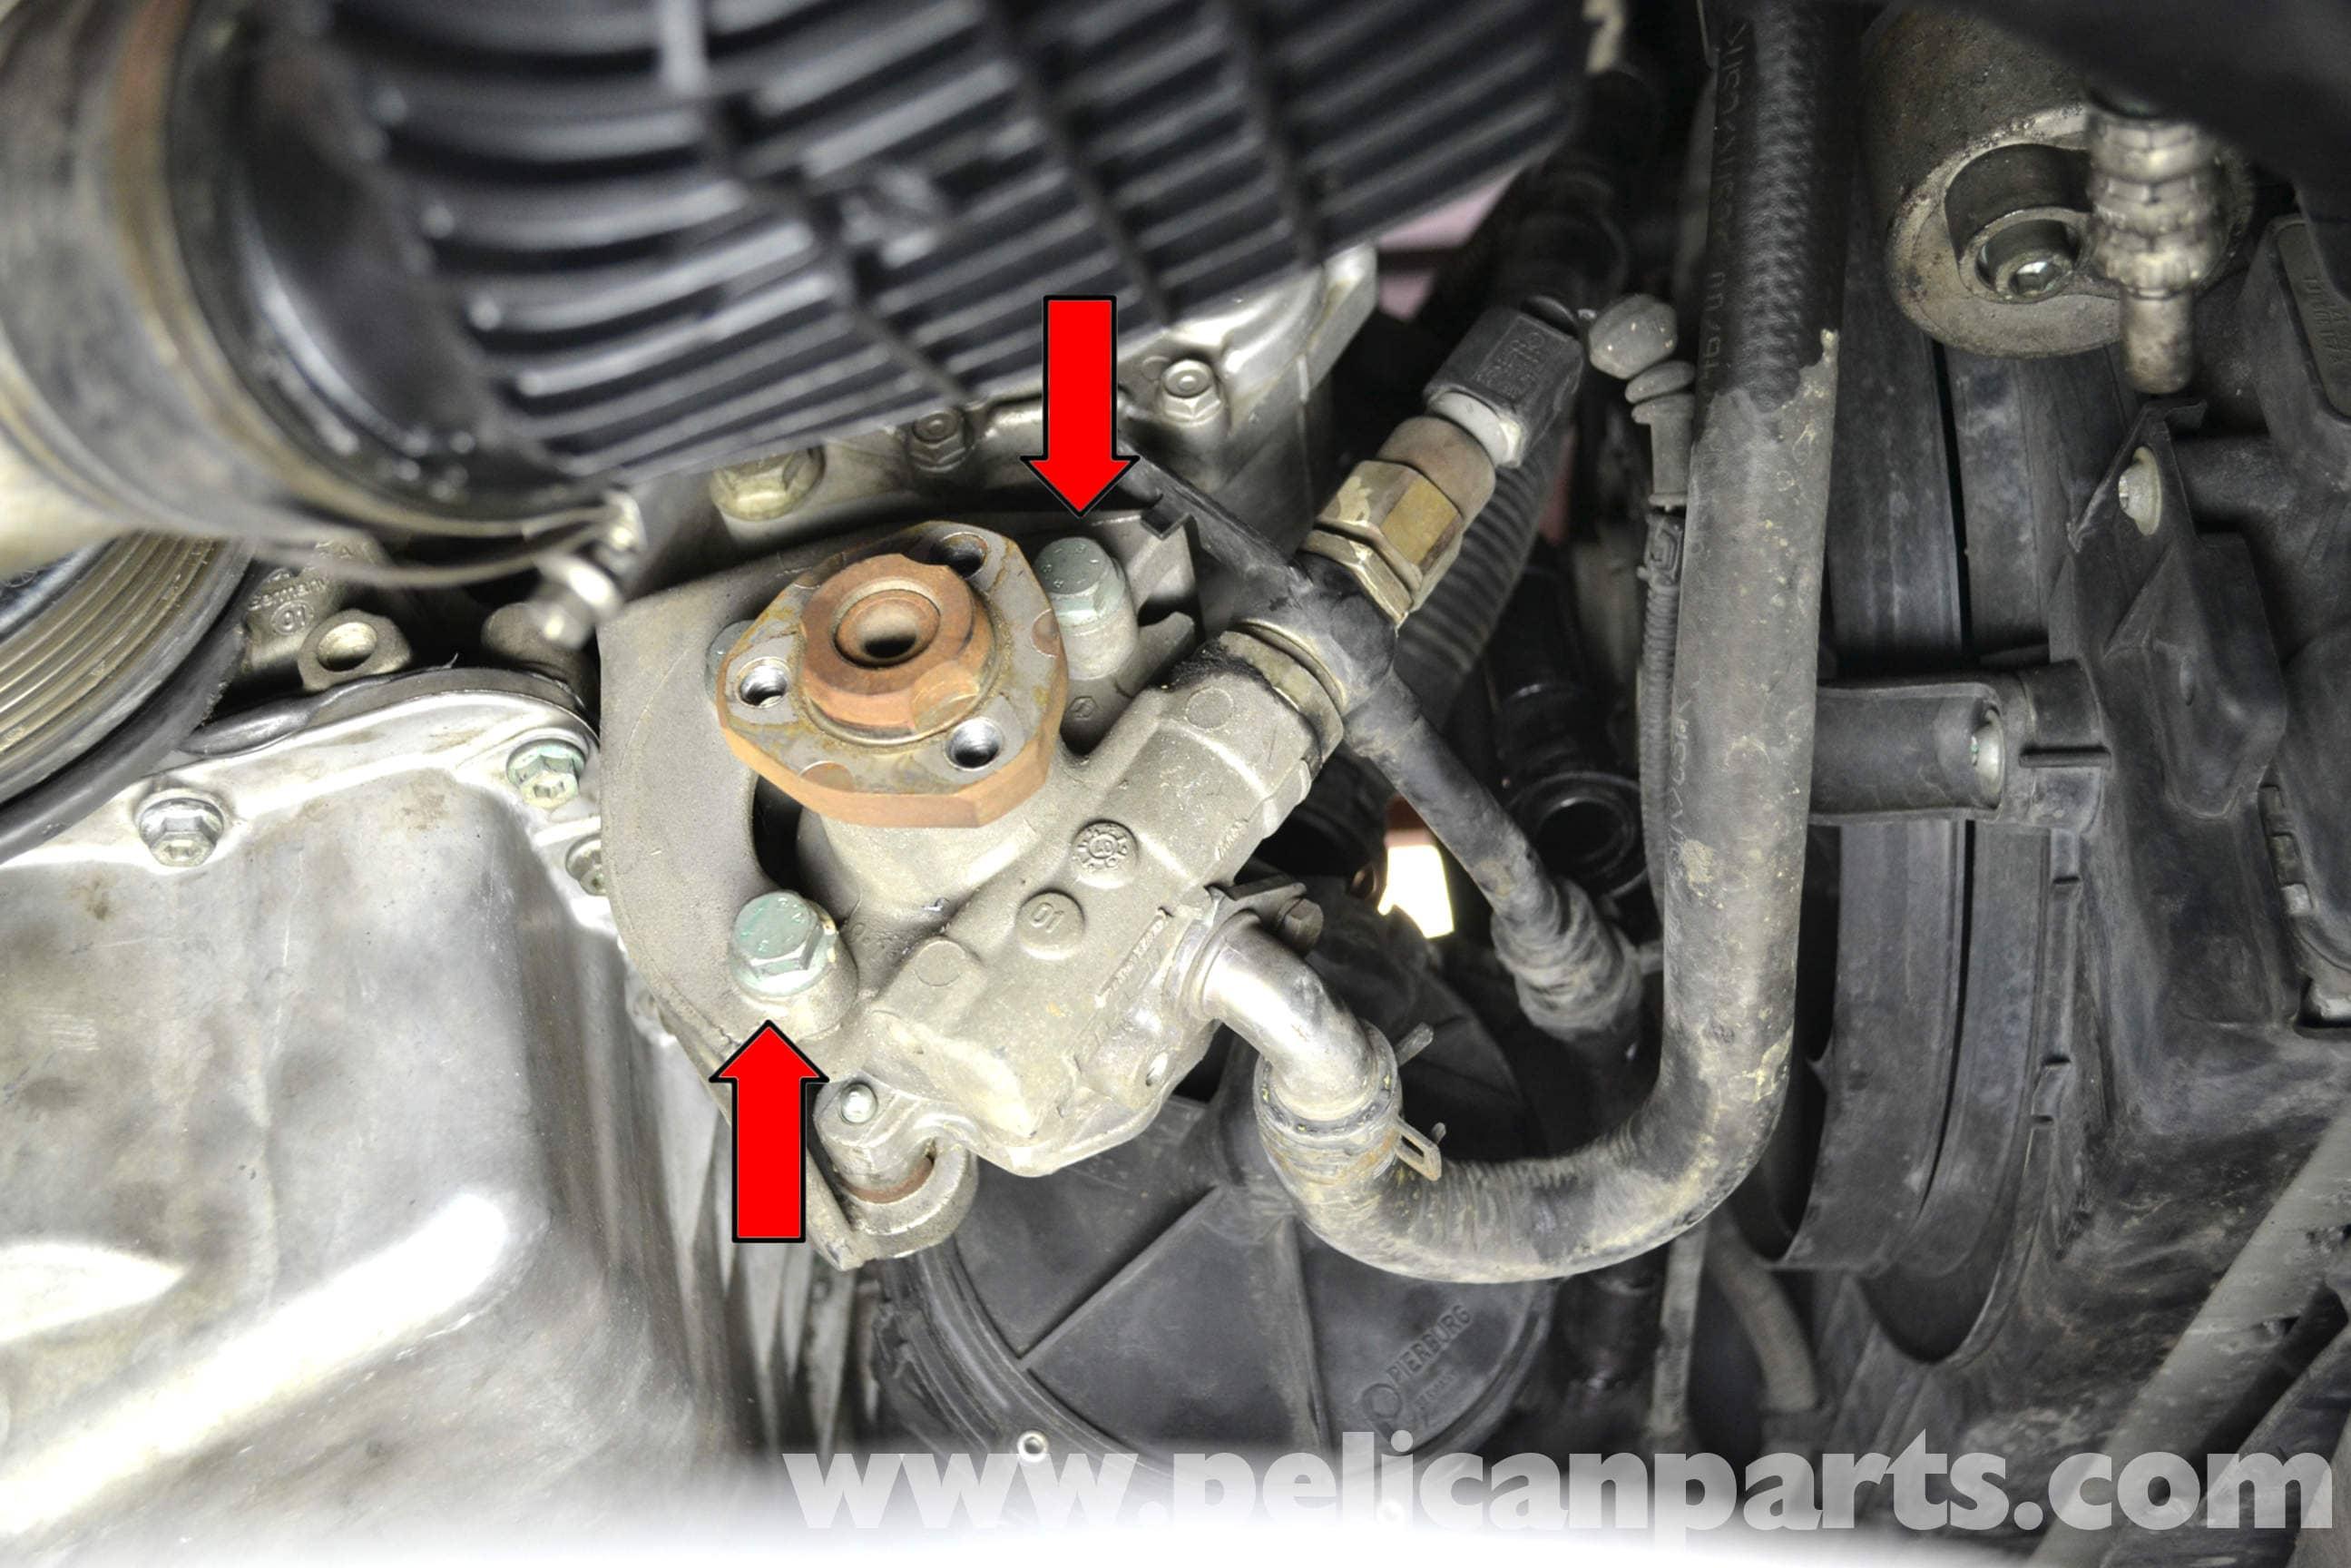 Vw Polo Power Steering Pump Wiring Diagram : Volkswagen golf gti mk iv power steering pump and